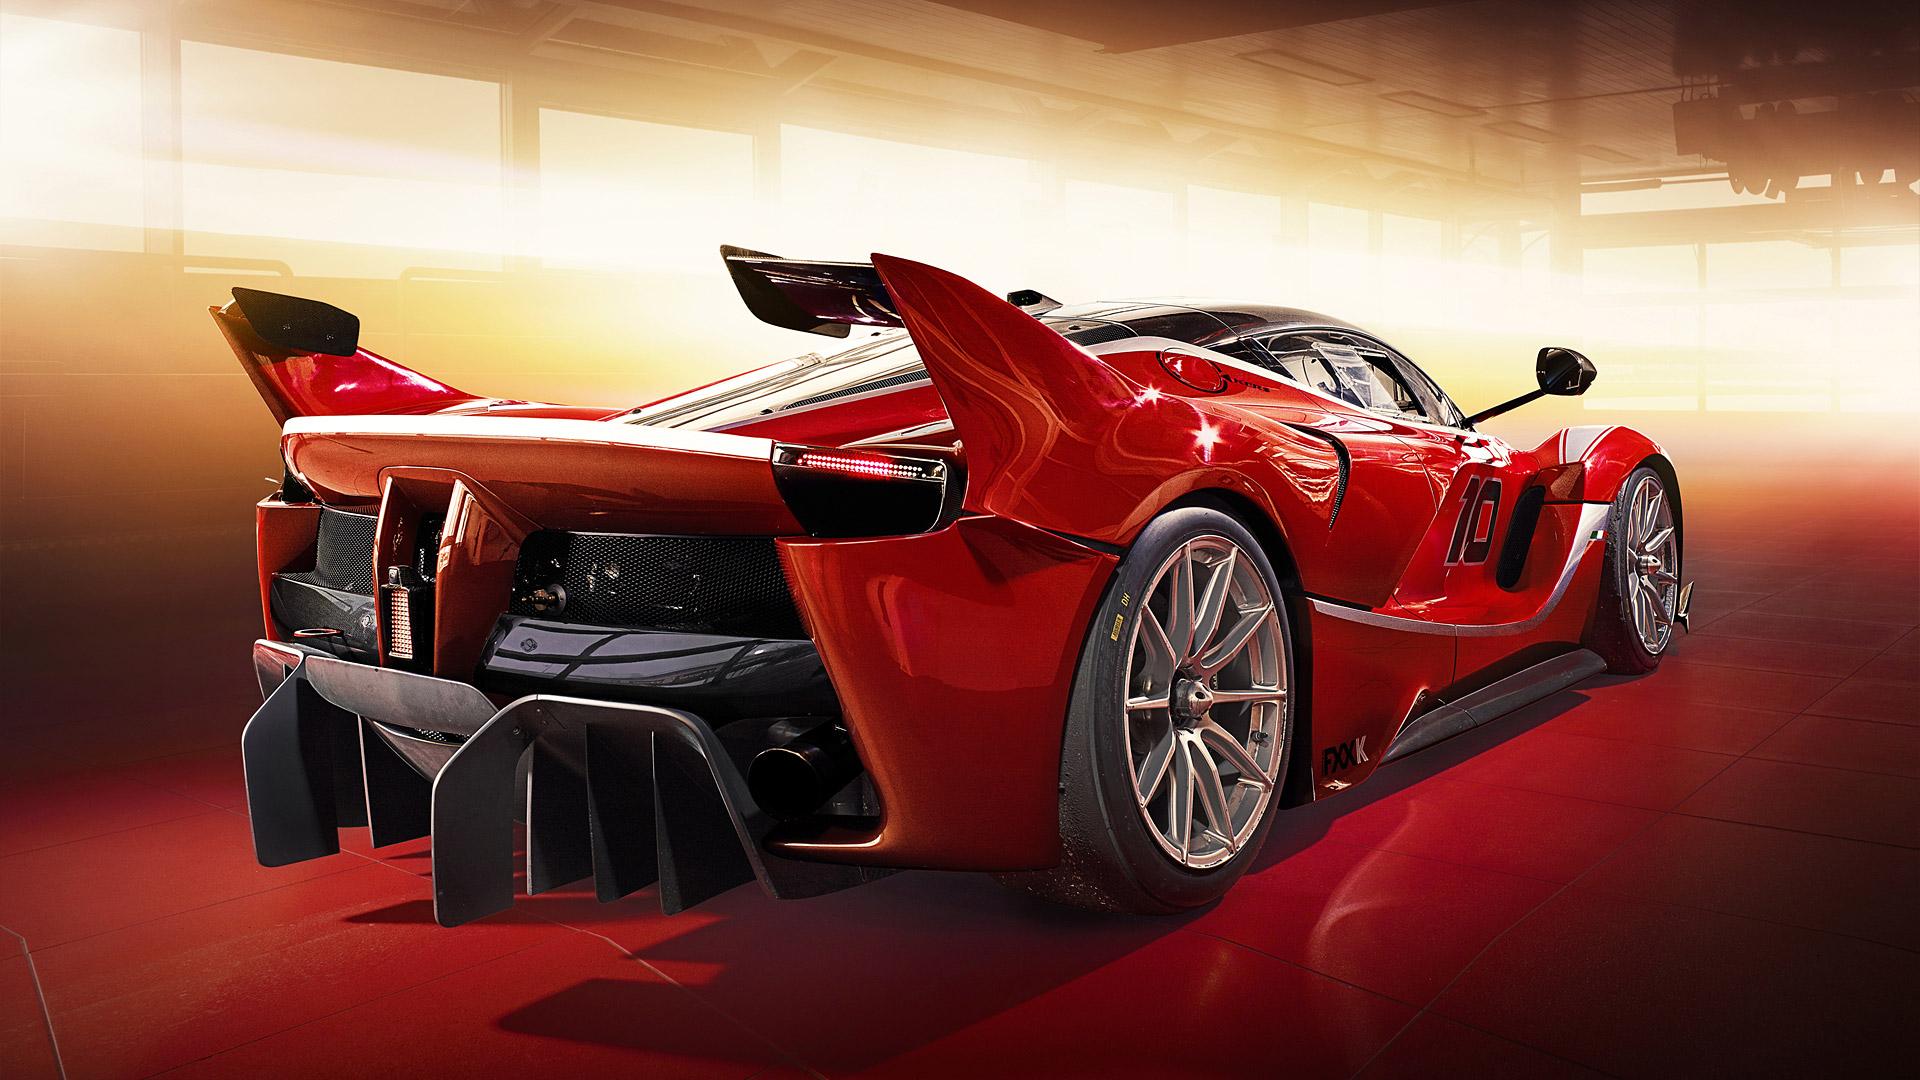 2015 Ferrari Fxx K Hd Wallpaper Background Image 1920x1080 Id